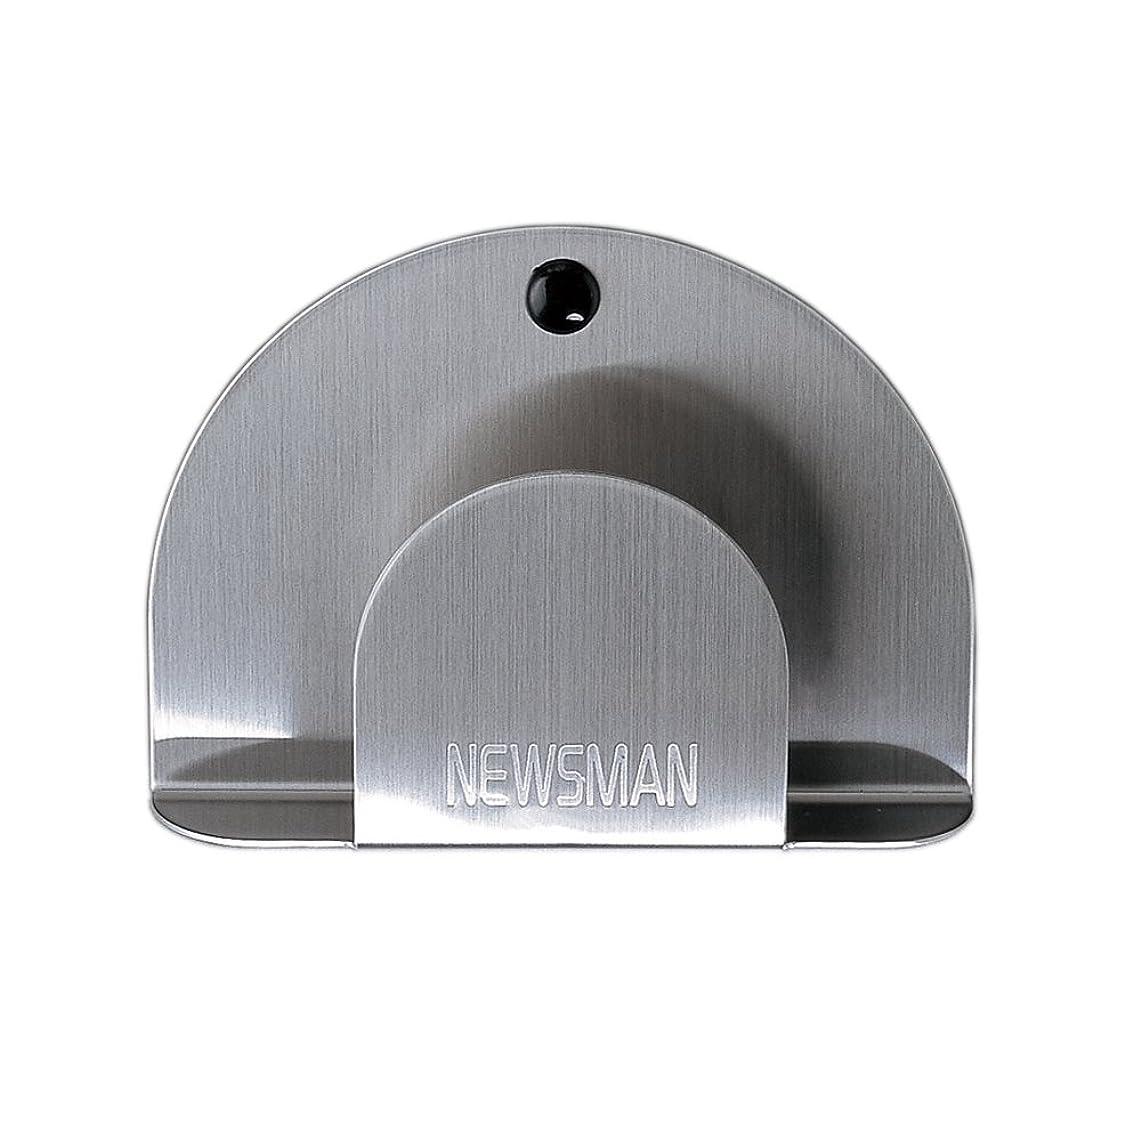 狂った三角形フローコーワソニア 新聞受 NM-10 ヘアーライン仕上げ 244-841